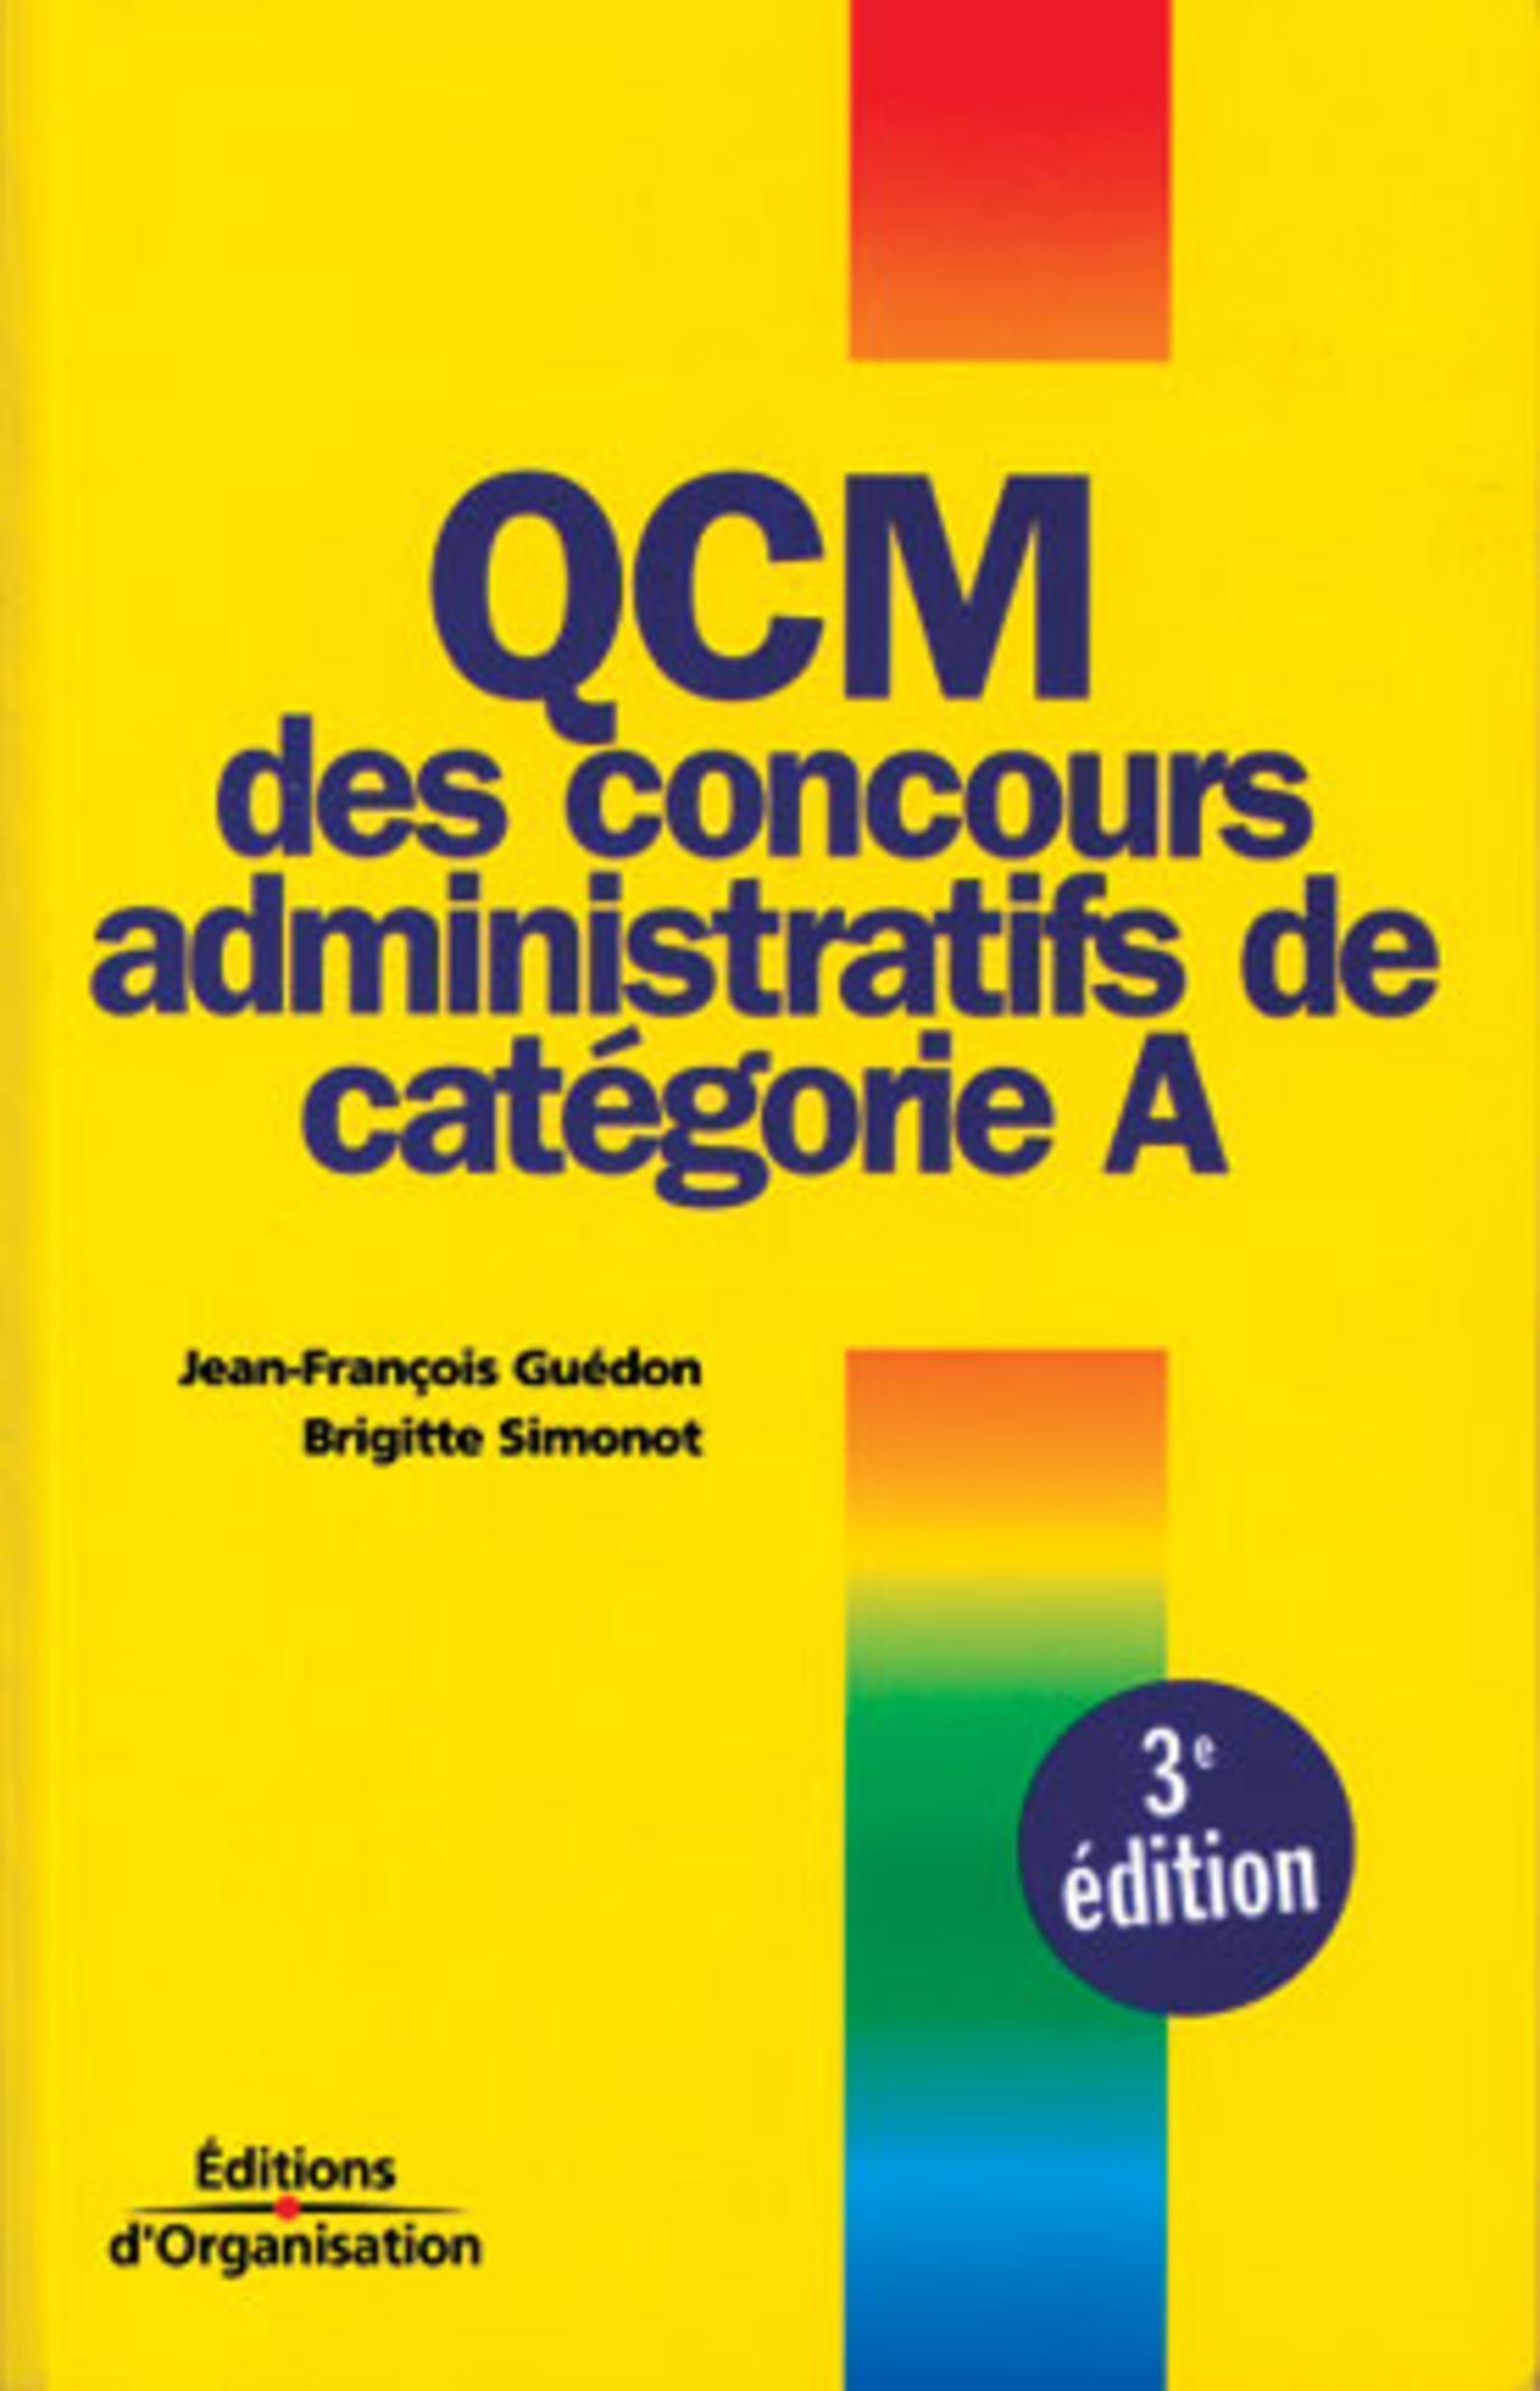 QCM DES CONCOURS ADMINISTRATIFS DE CATEGORIE A